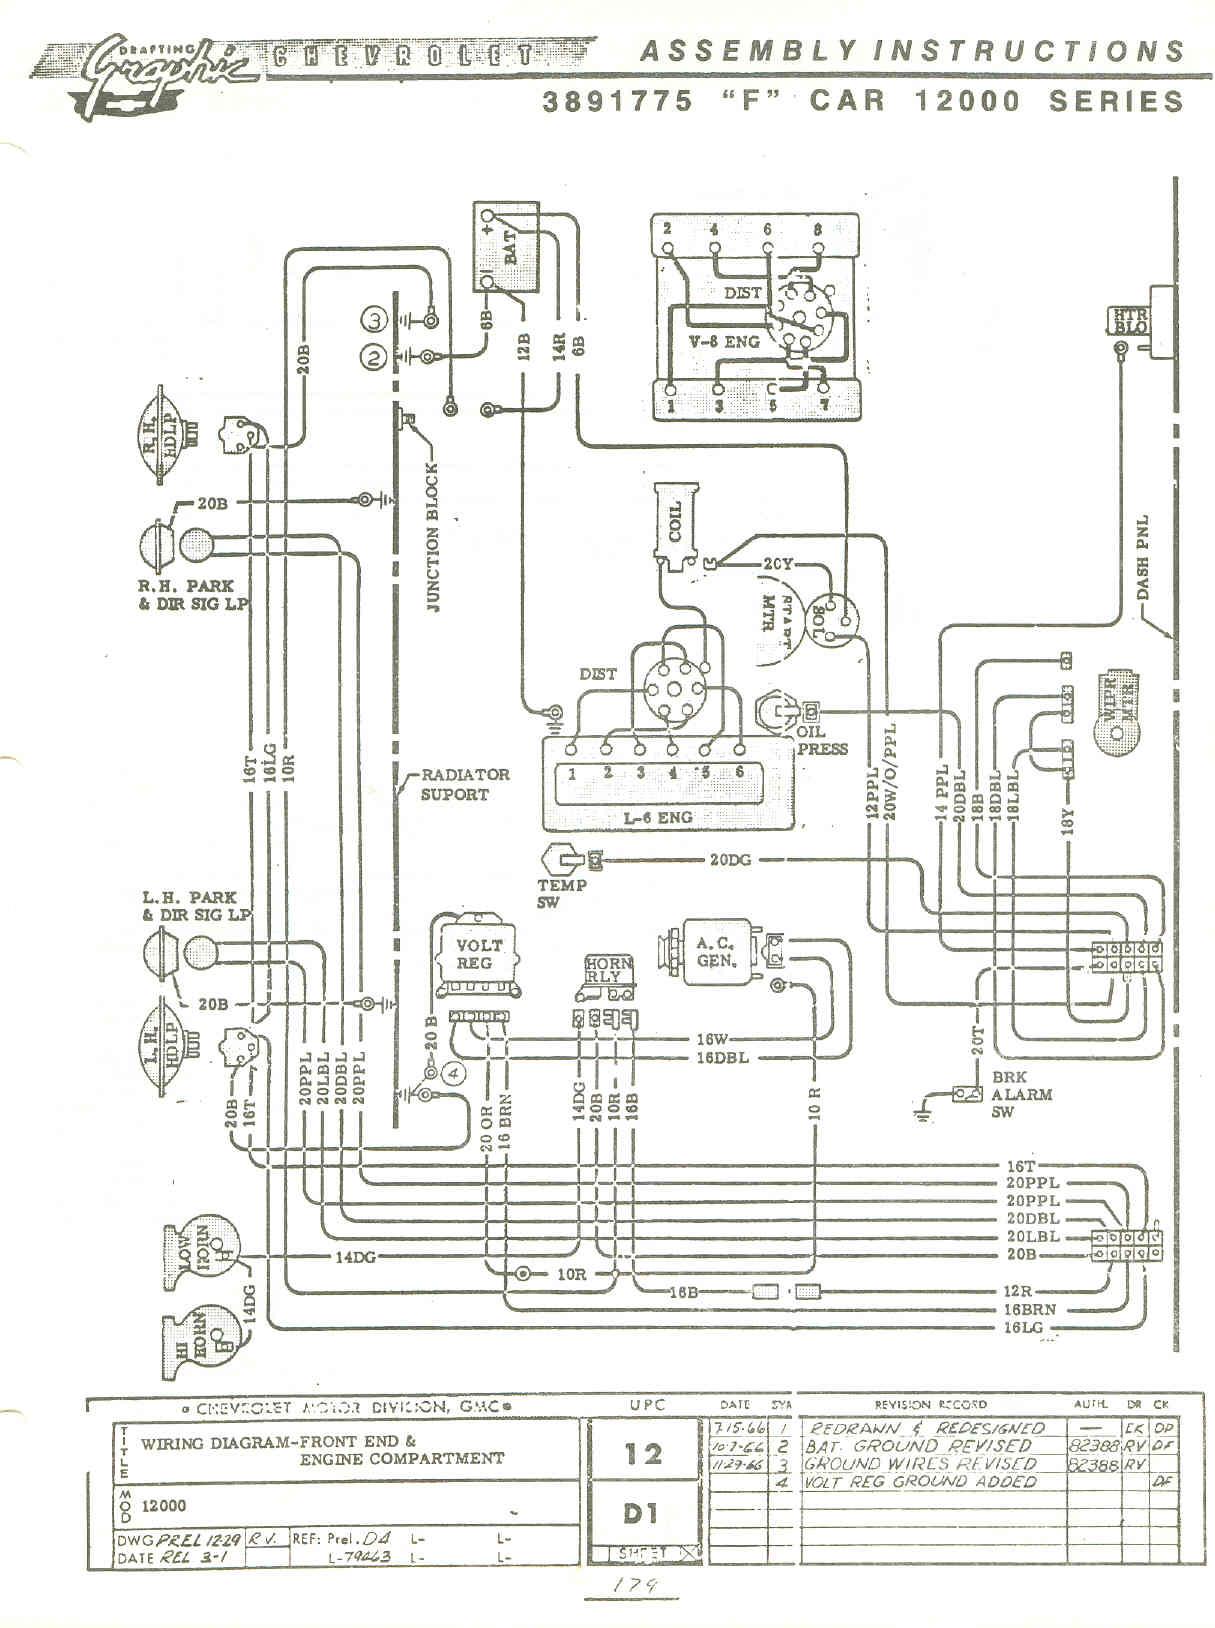 1978 corvette wiring diagram pdf 1978 image wiring 1980 corvette wiring diagram pdf 1980 image wiring on 1978 corvette wiring diagram pdf